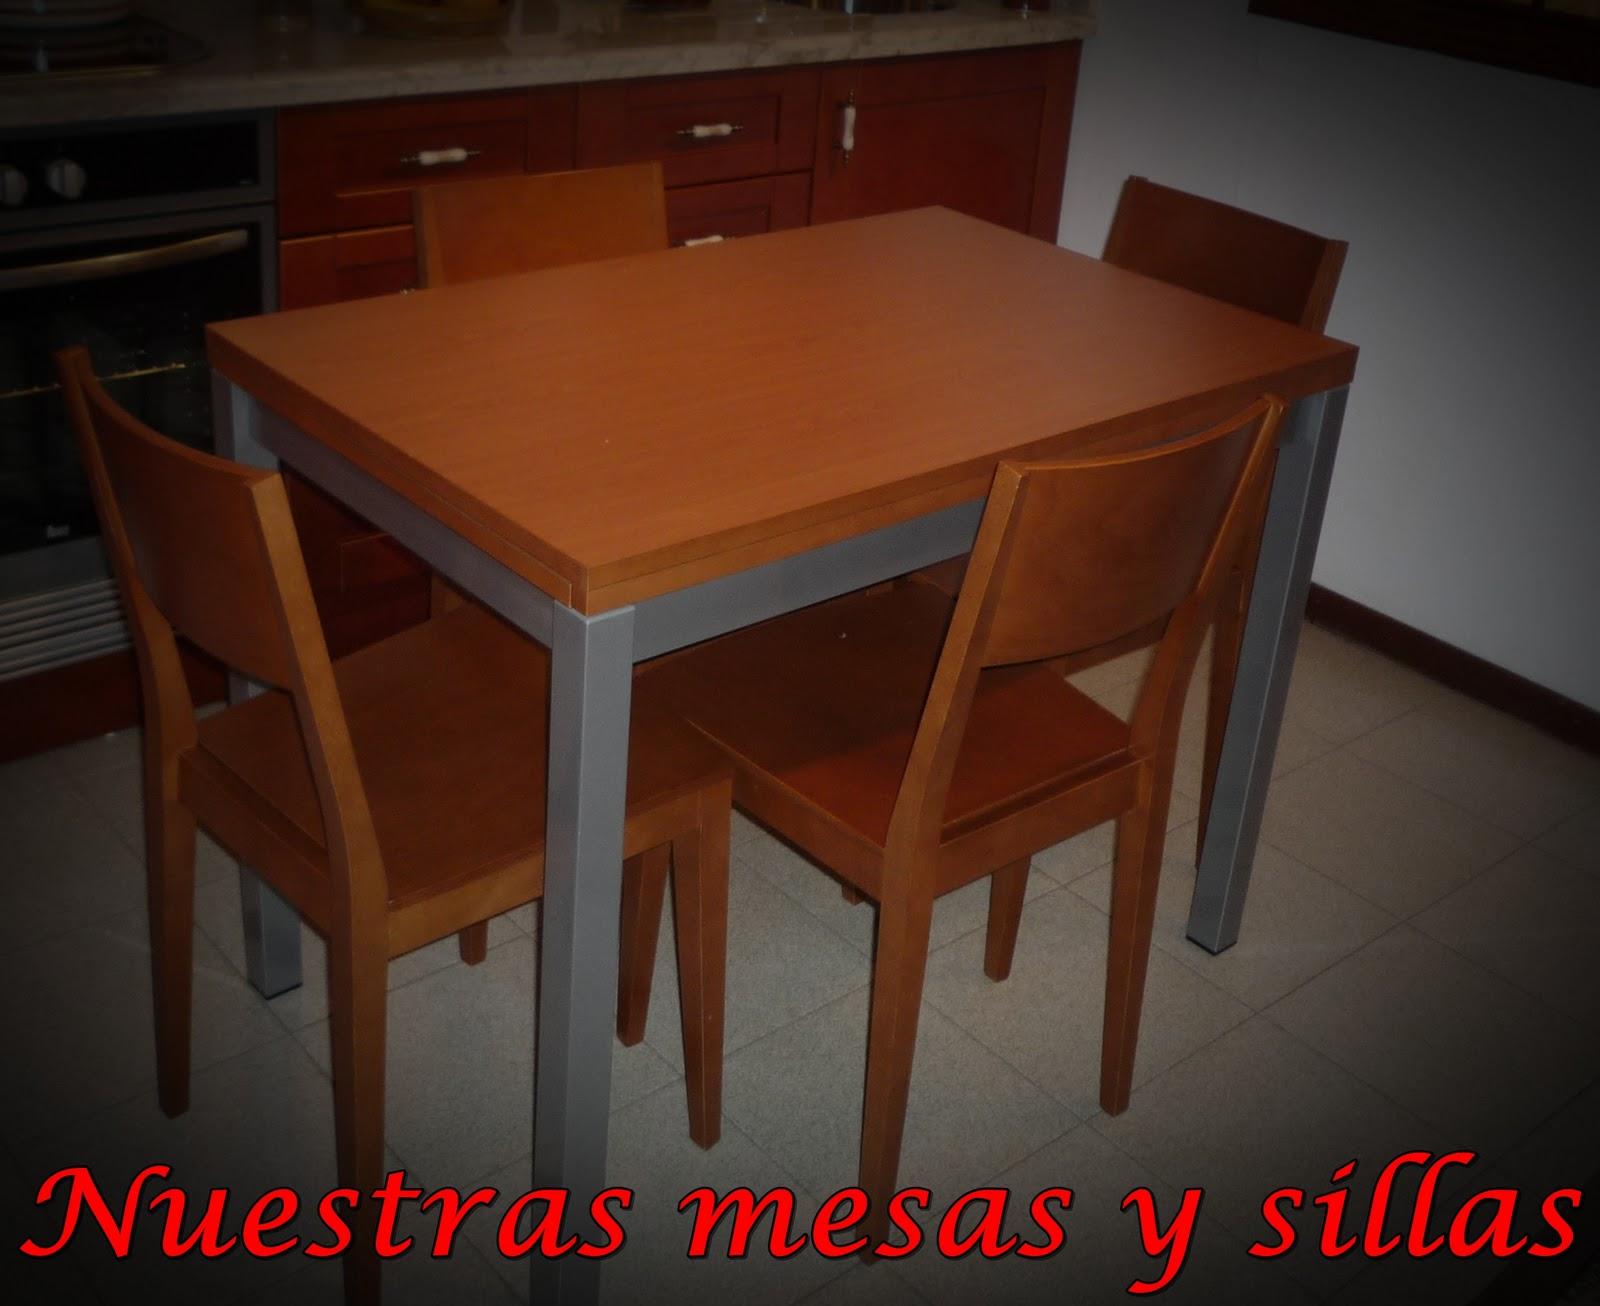 Los mejores muebles de cocina el almirez mesa de madera for Los mejores muebles de cocina